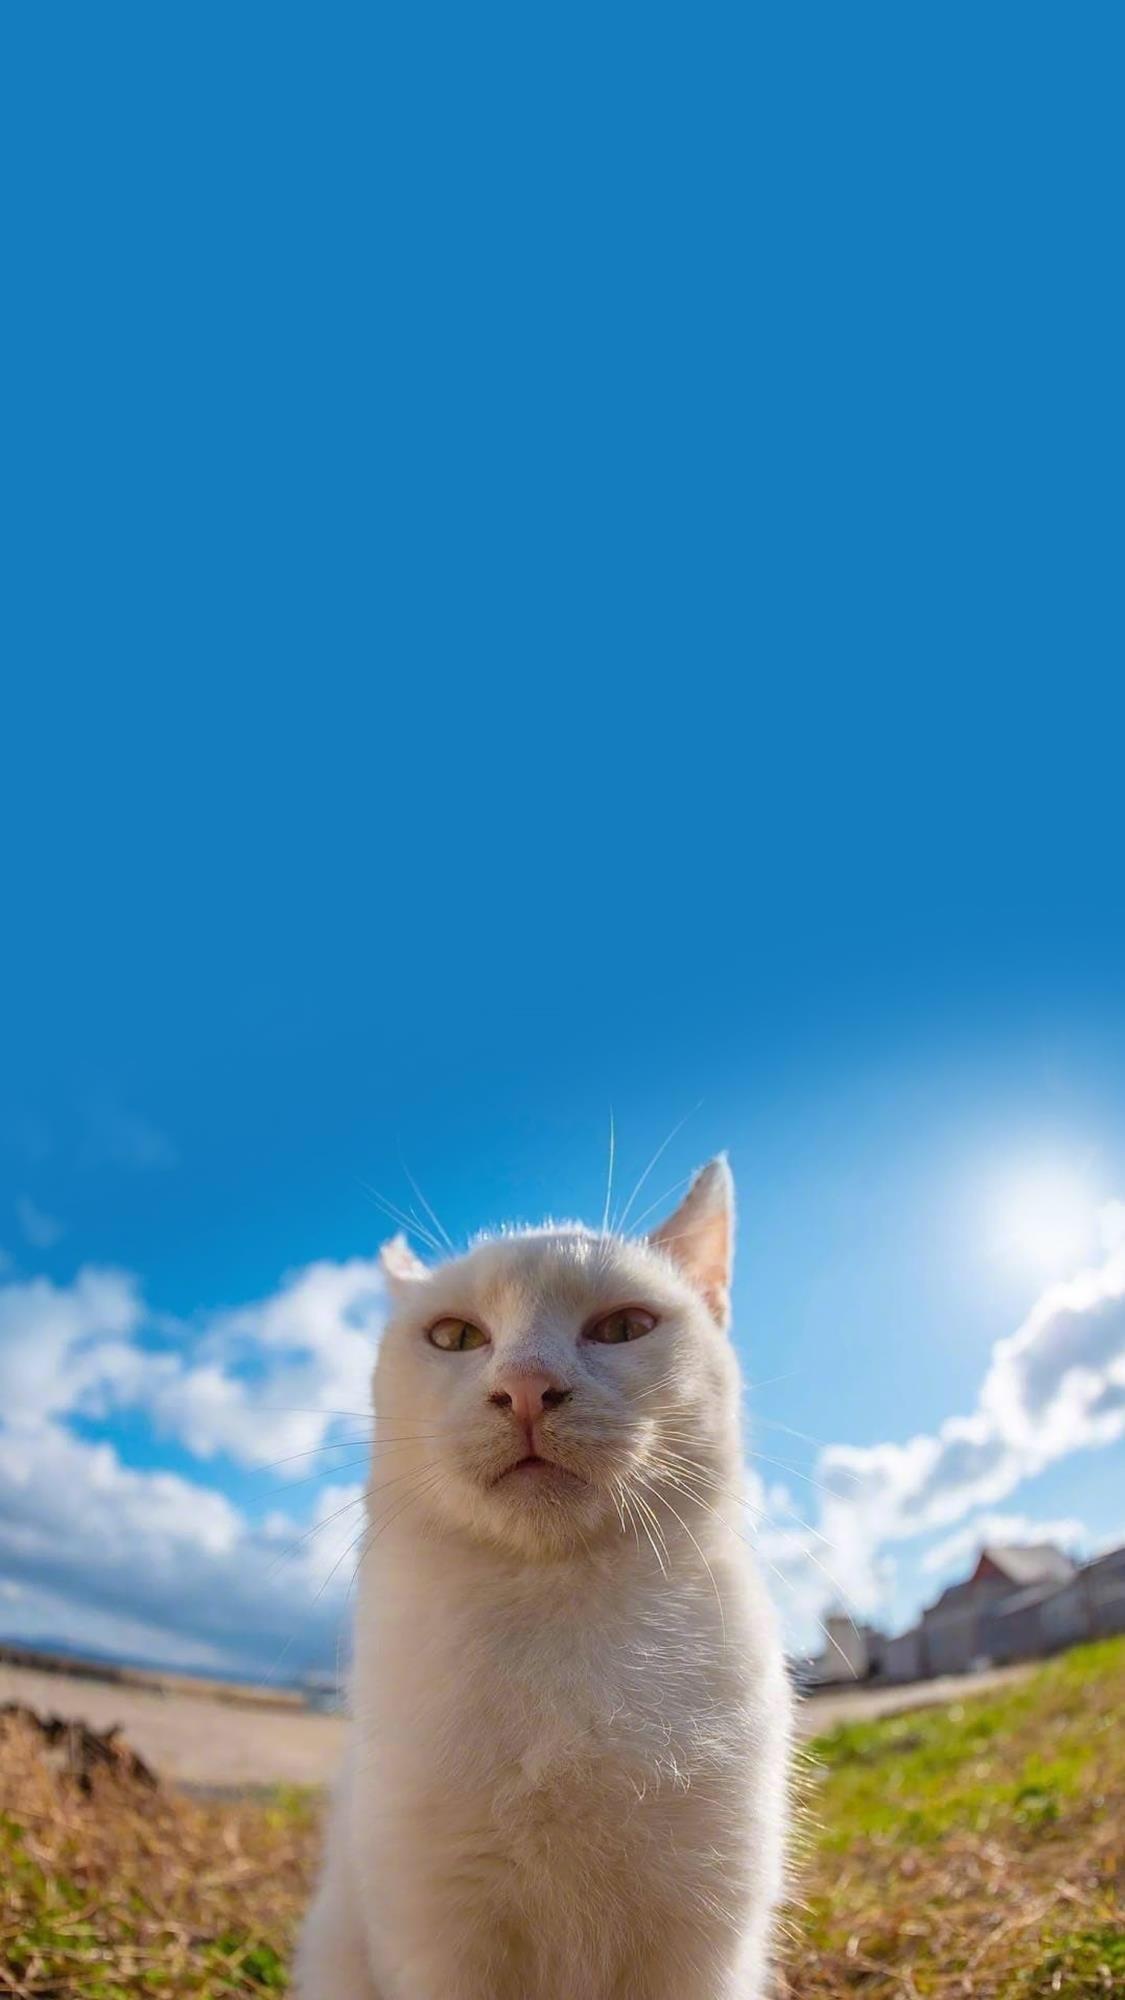 萌猫猫片,霸气喵星人:谁敢挡道?插图3